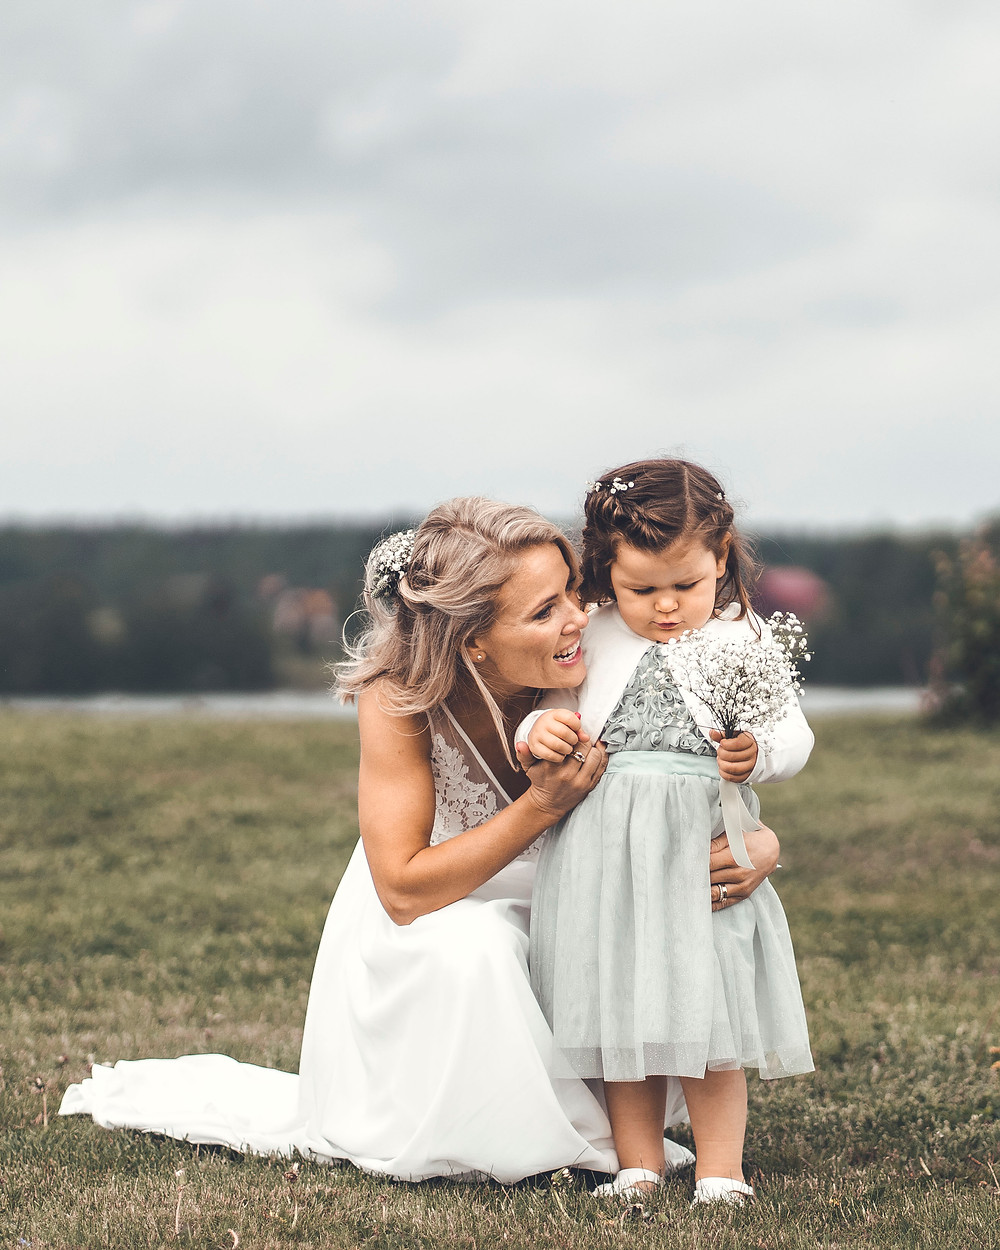 Foto av lyxig bröllopsfotograf Stockholm   Jiber Weddings